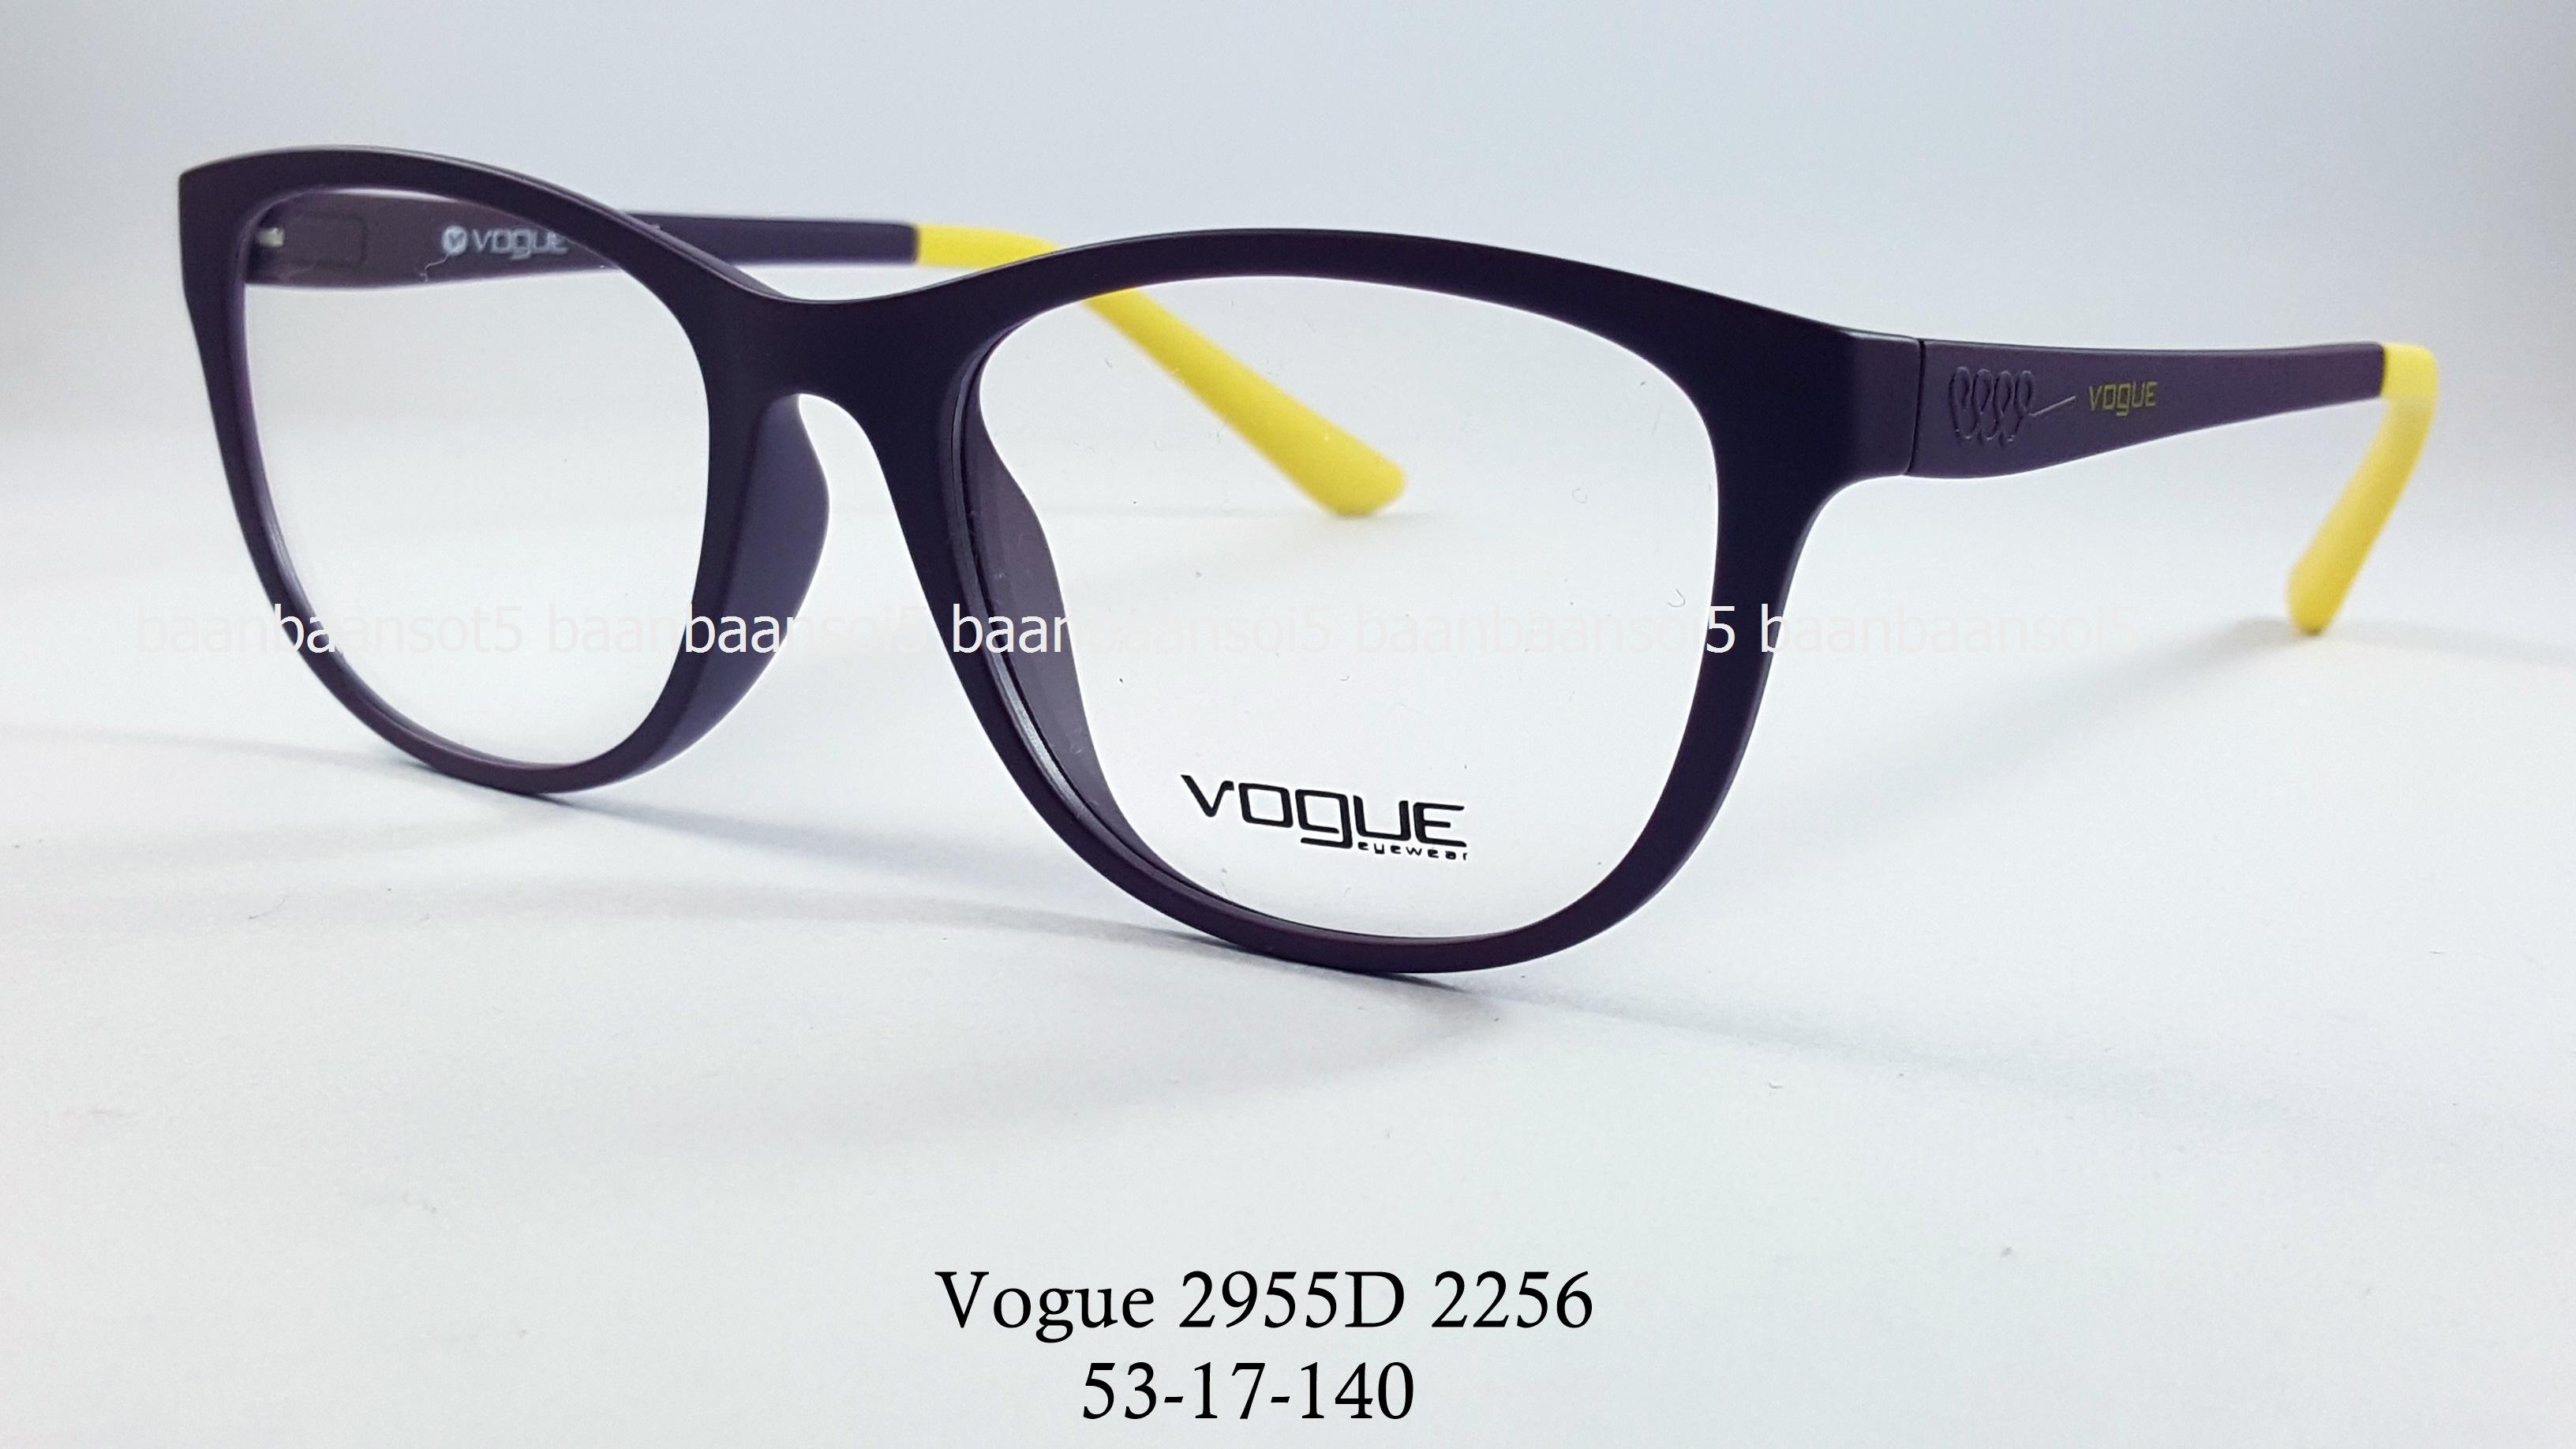 Vogue 2955D 2256 โปรโมชั่น กรอบแว่นตาพร้อมเลนส์ HOYA ราคา 2,200 บาท